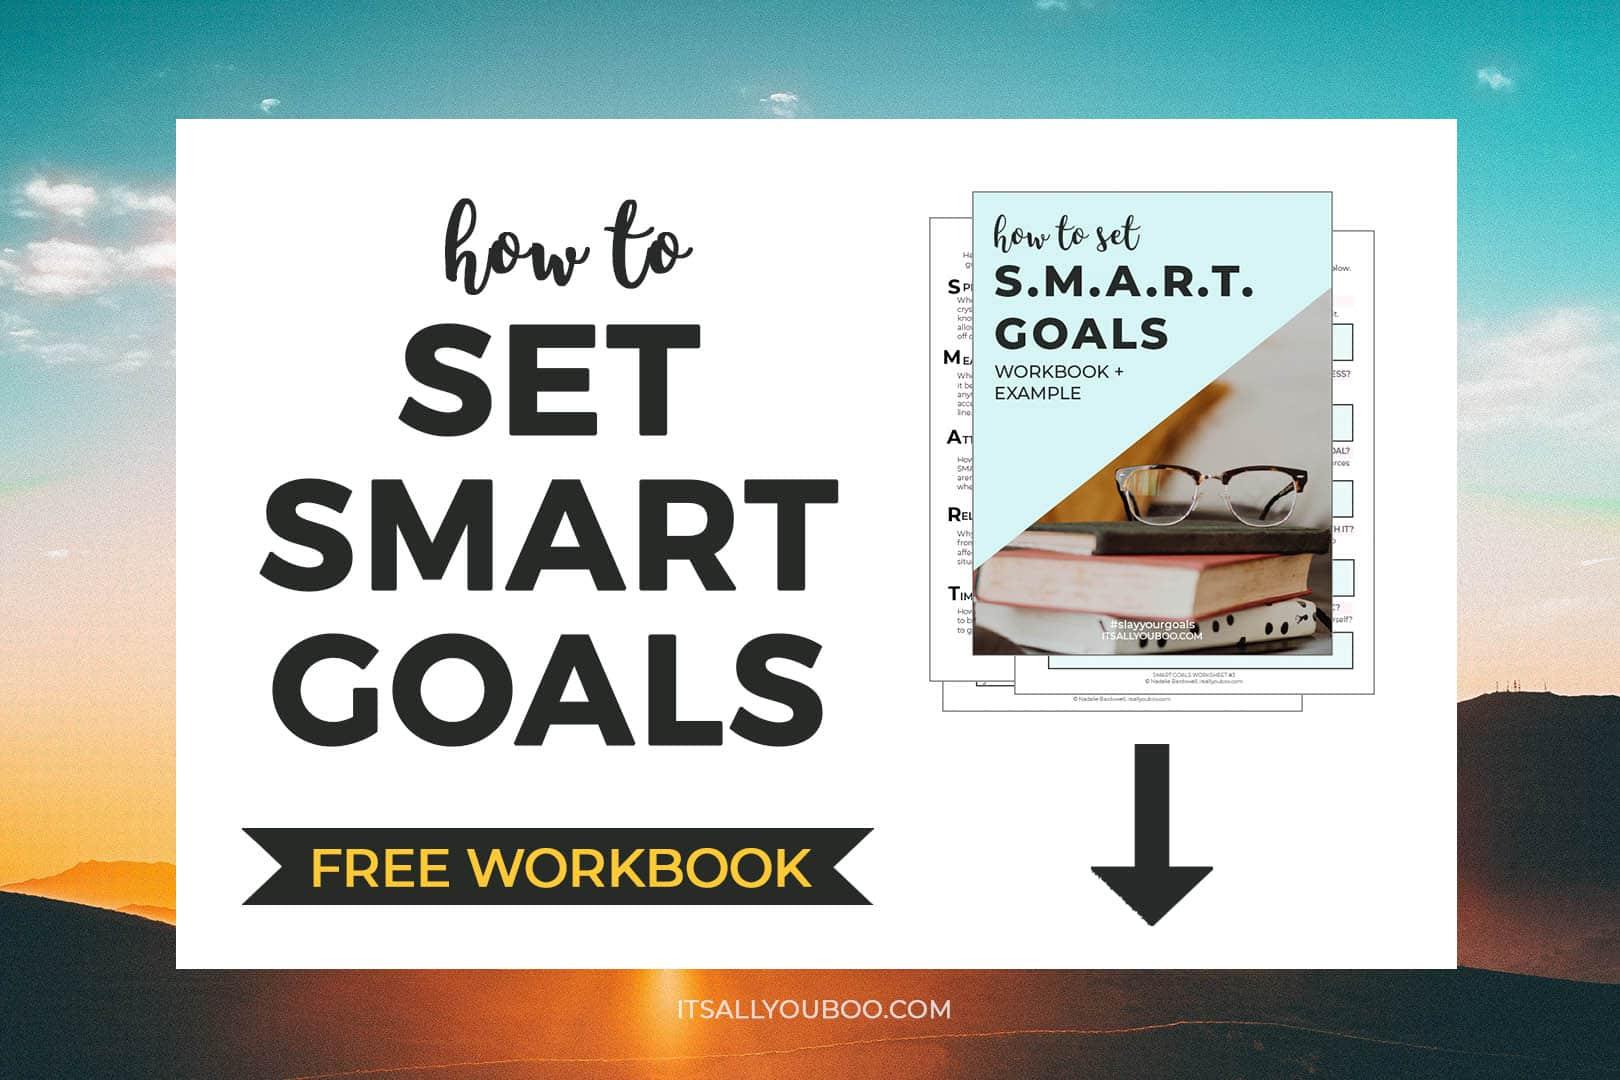 Download Free SMART Goal Worksheet